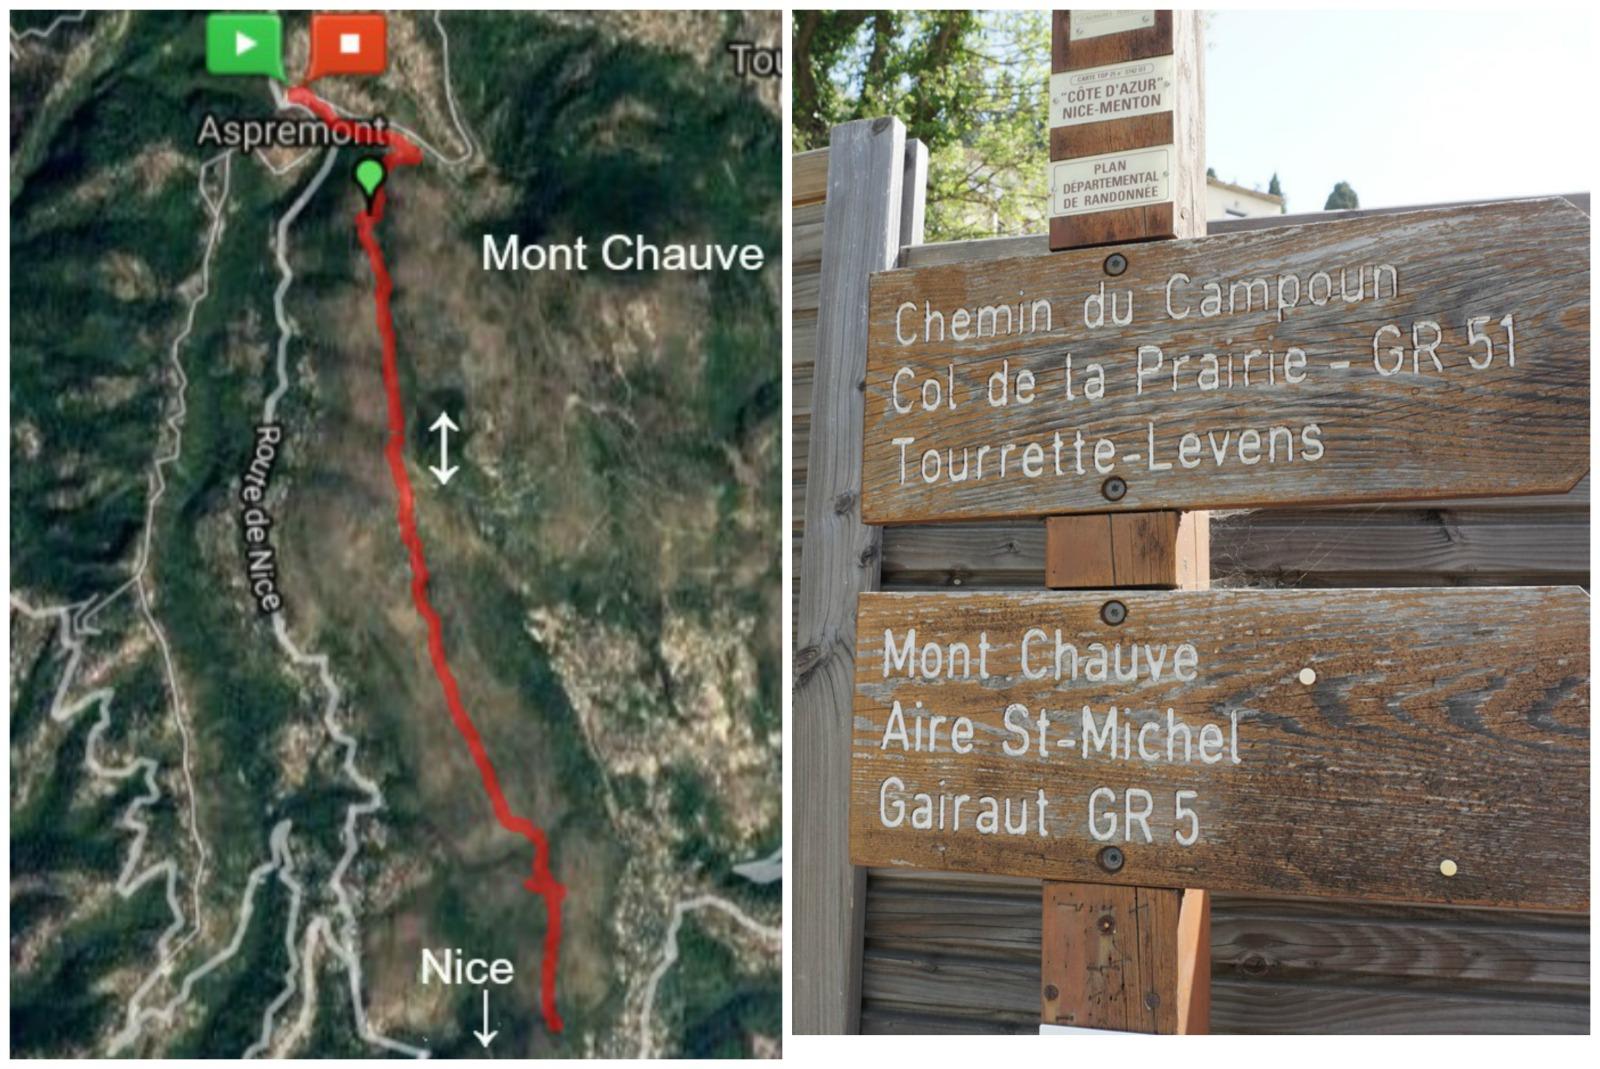 Crete de Graus GR5 trail image